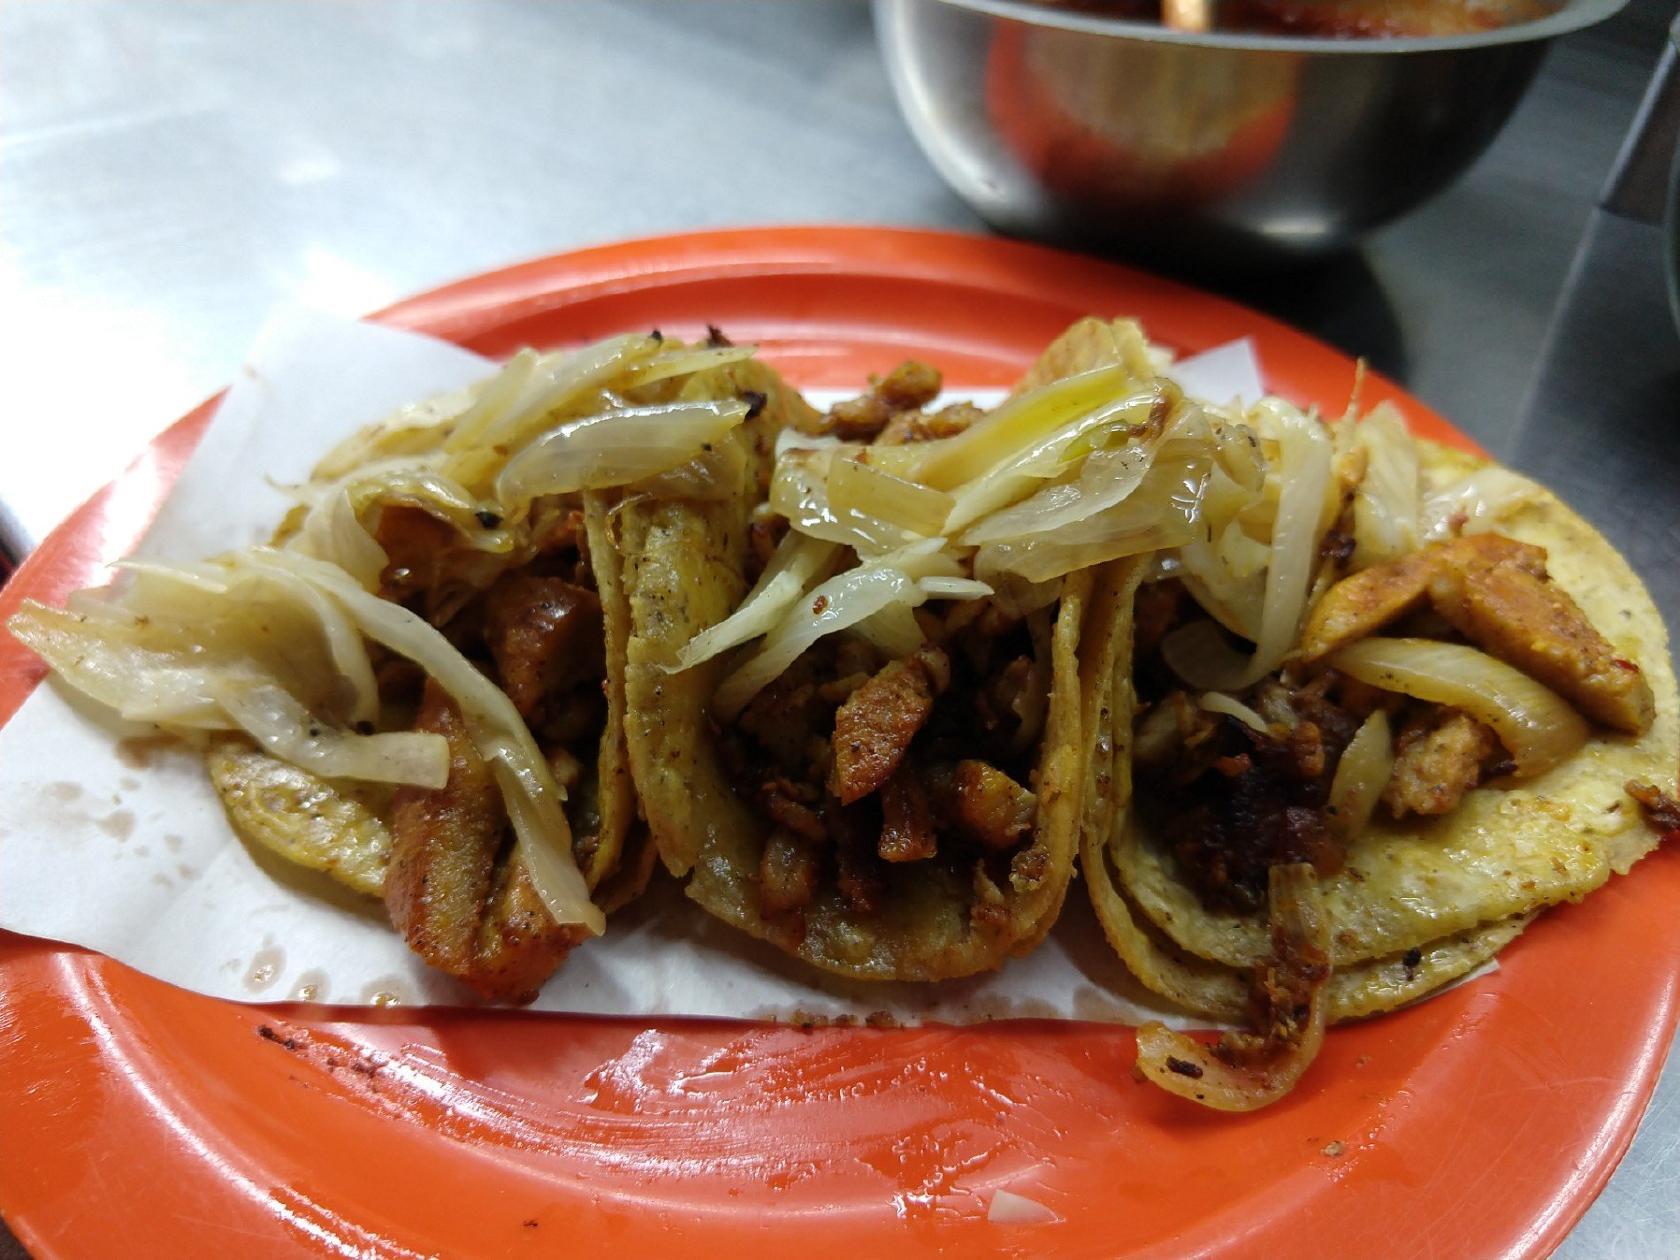 Tacos chespi restaurant, Santiago de Querétaro, Gutierez najera ...